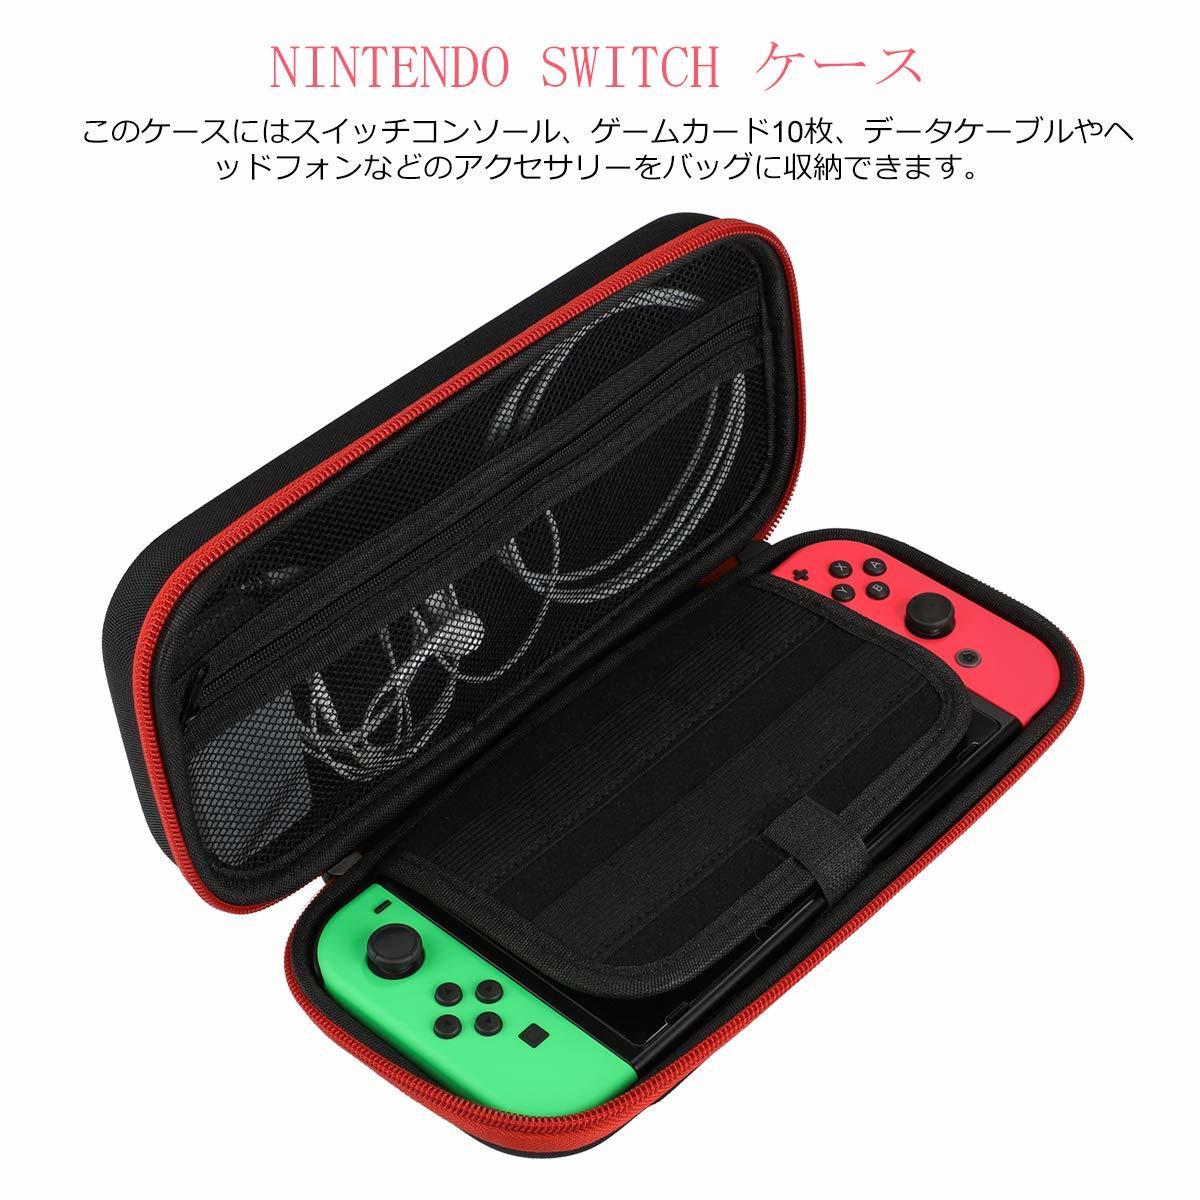 Nintendo Switch ケース 任天堂スイッチケース 保護カバー グリップ スタンド機能付き スイッチケース キャリング 大容量 収納バッグ 防水_画像6